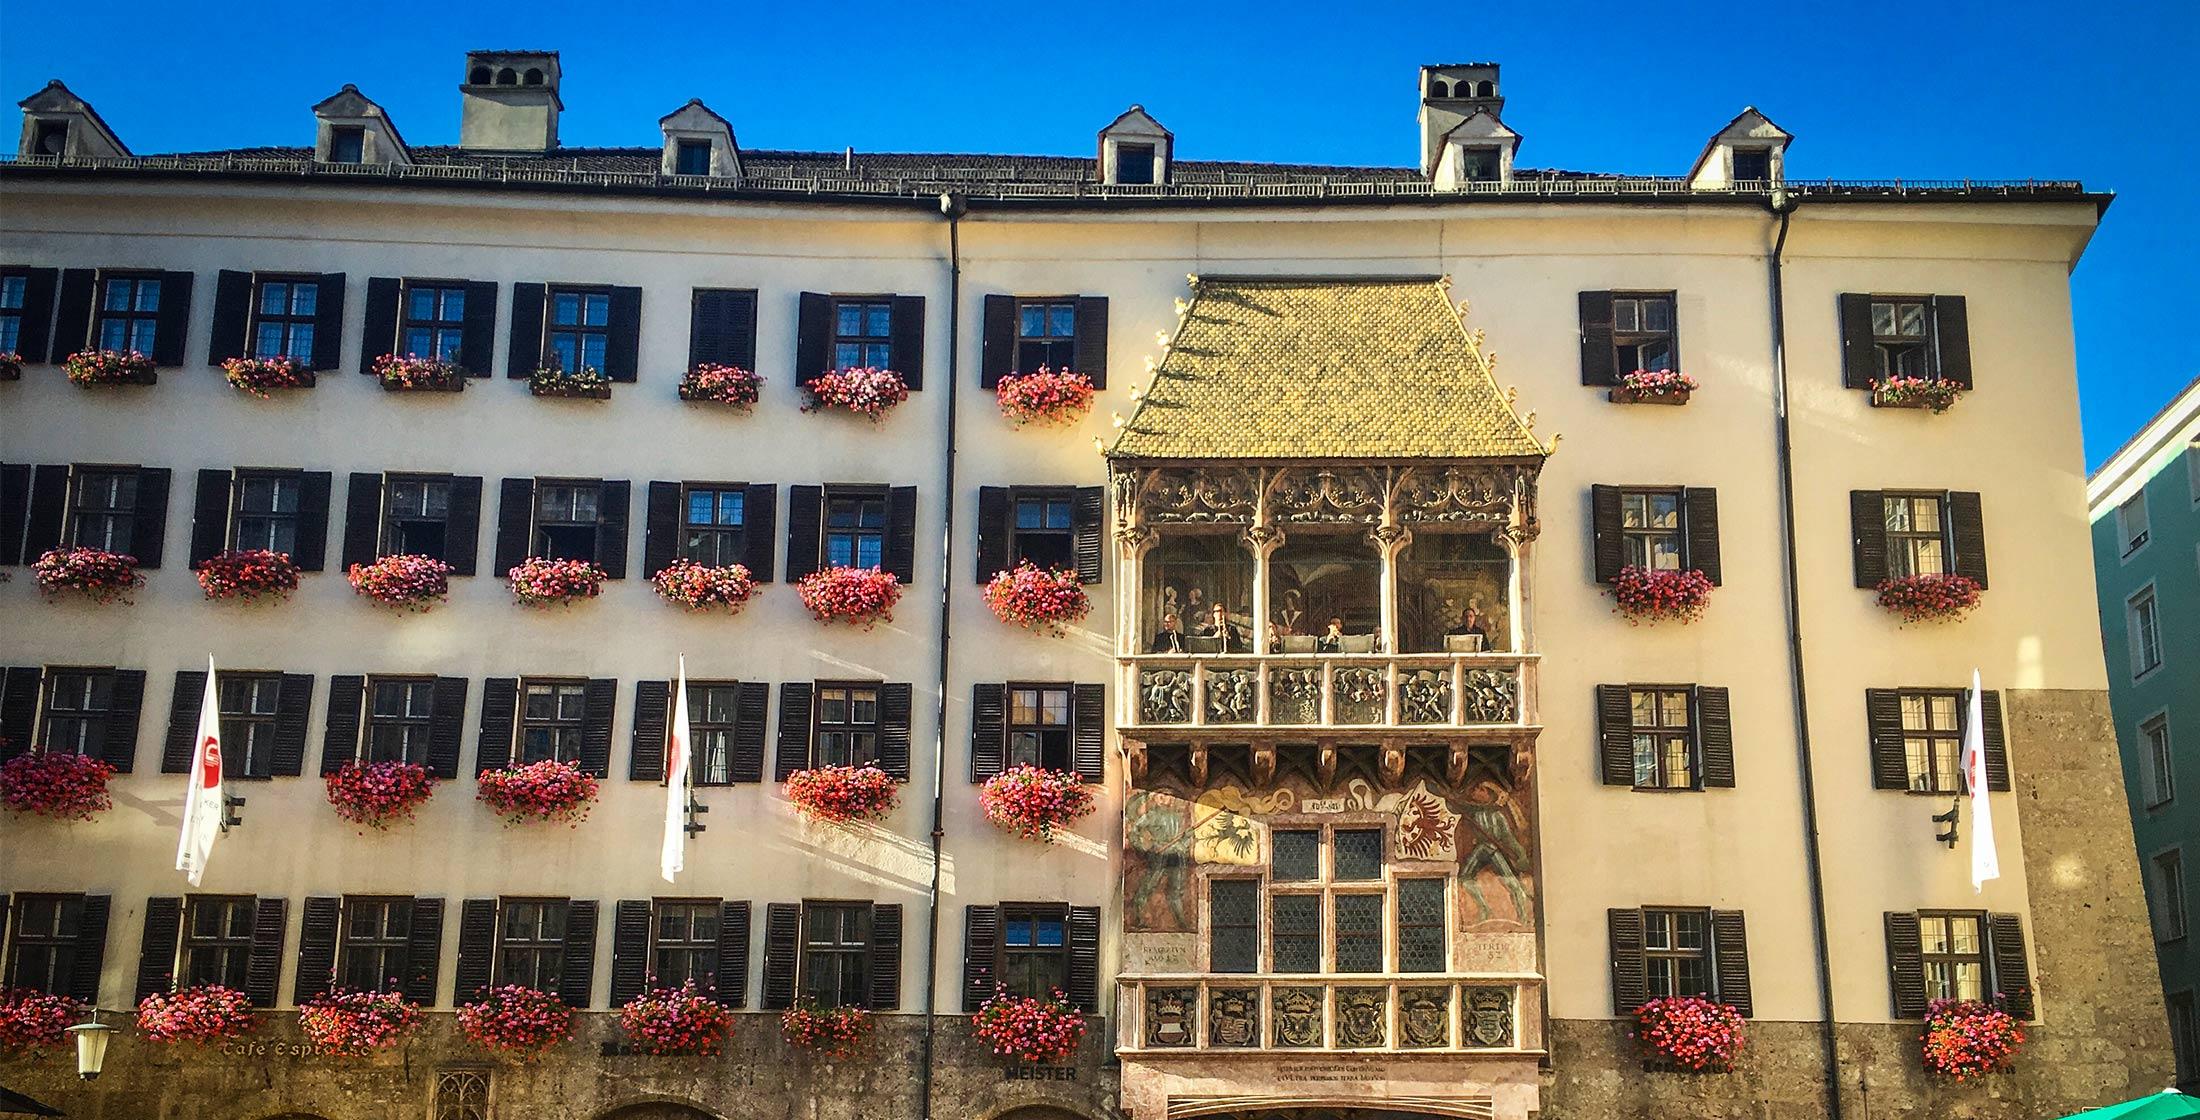 Innsbruck City GoldenDach